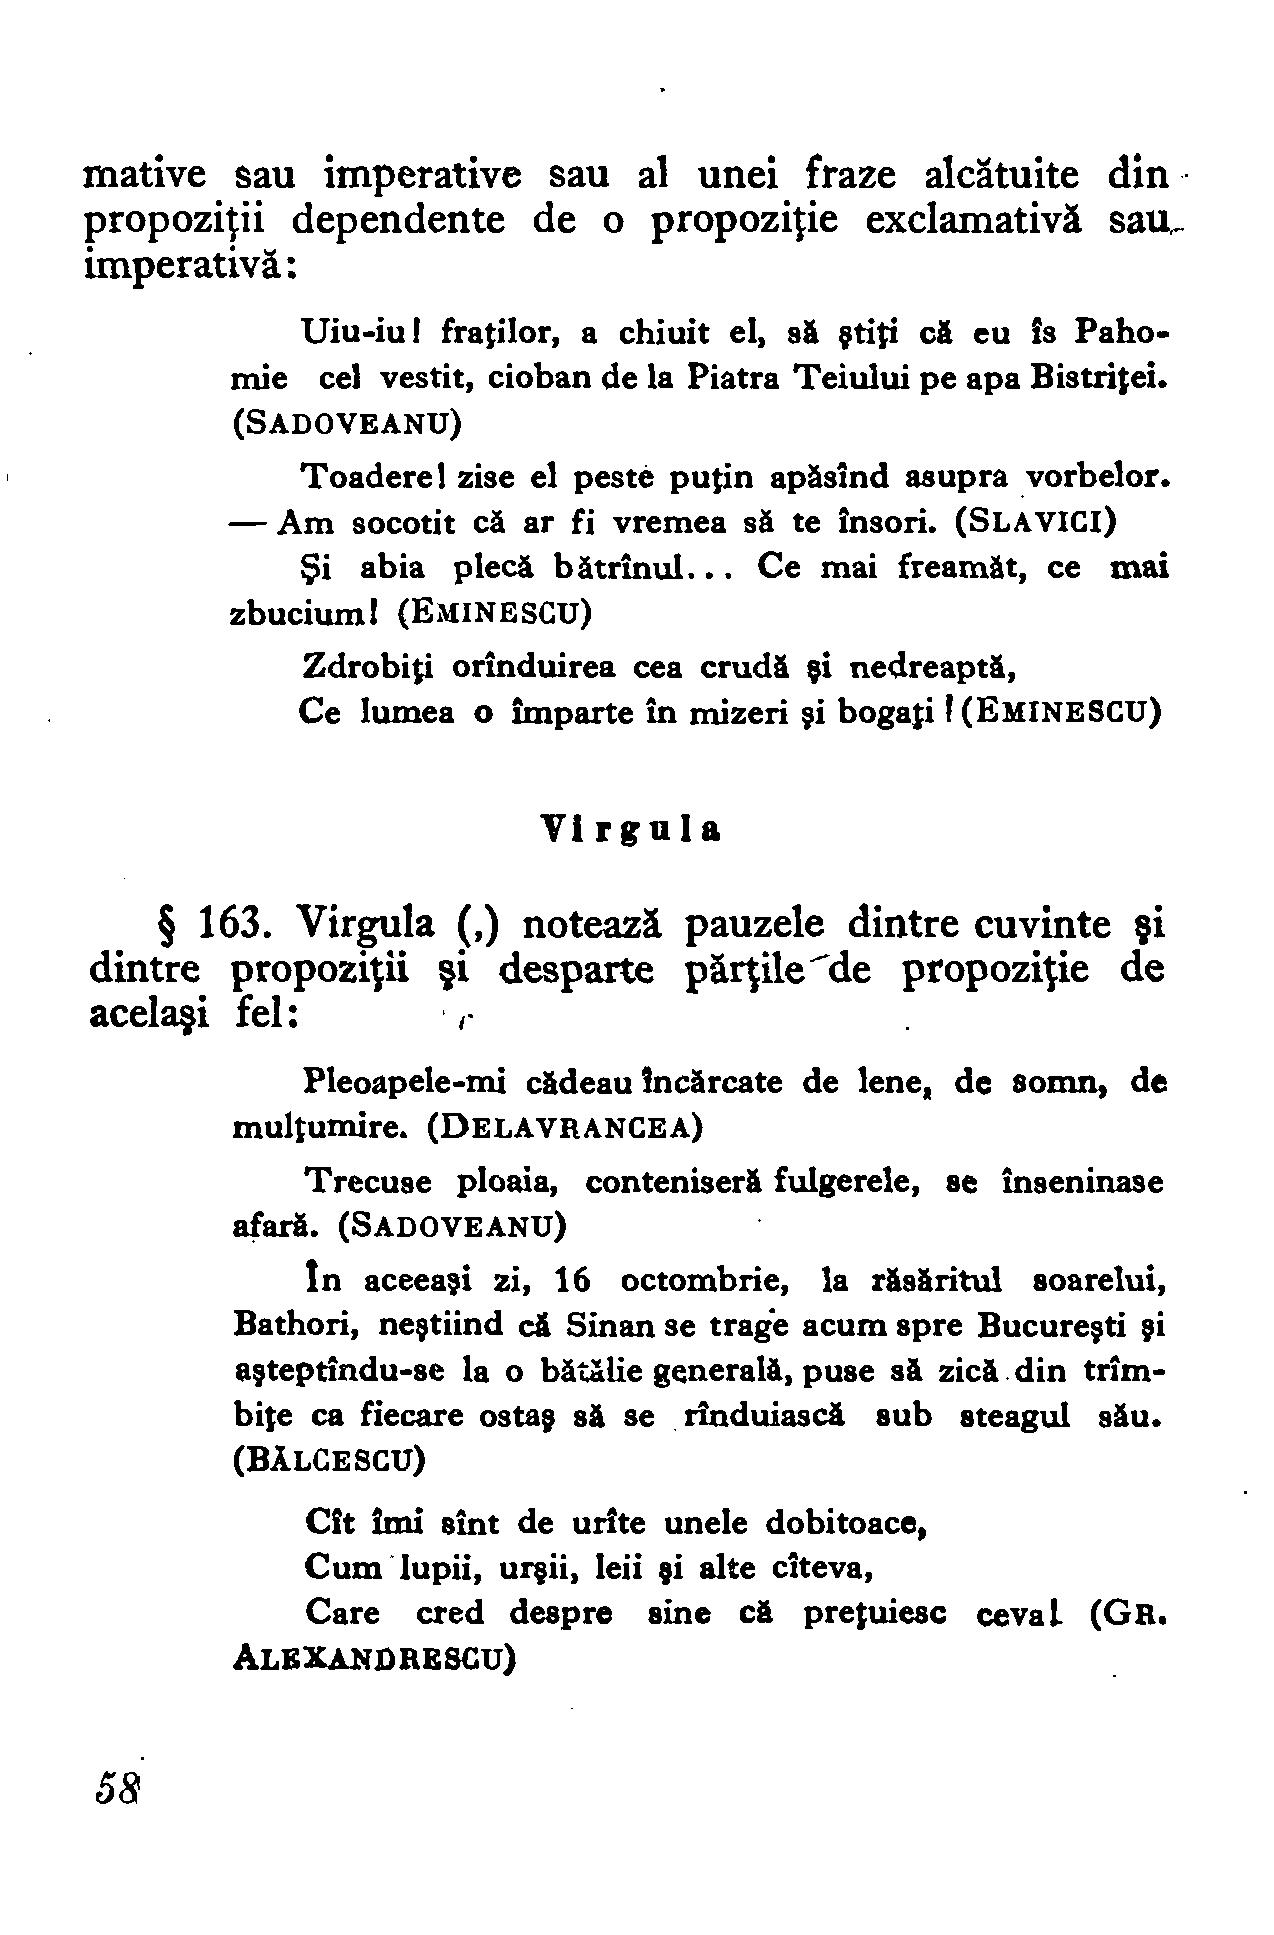 1954 - Mic dicționar ortografic (56).png